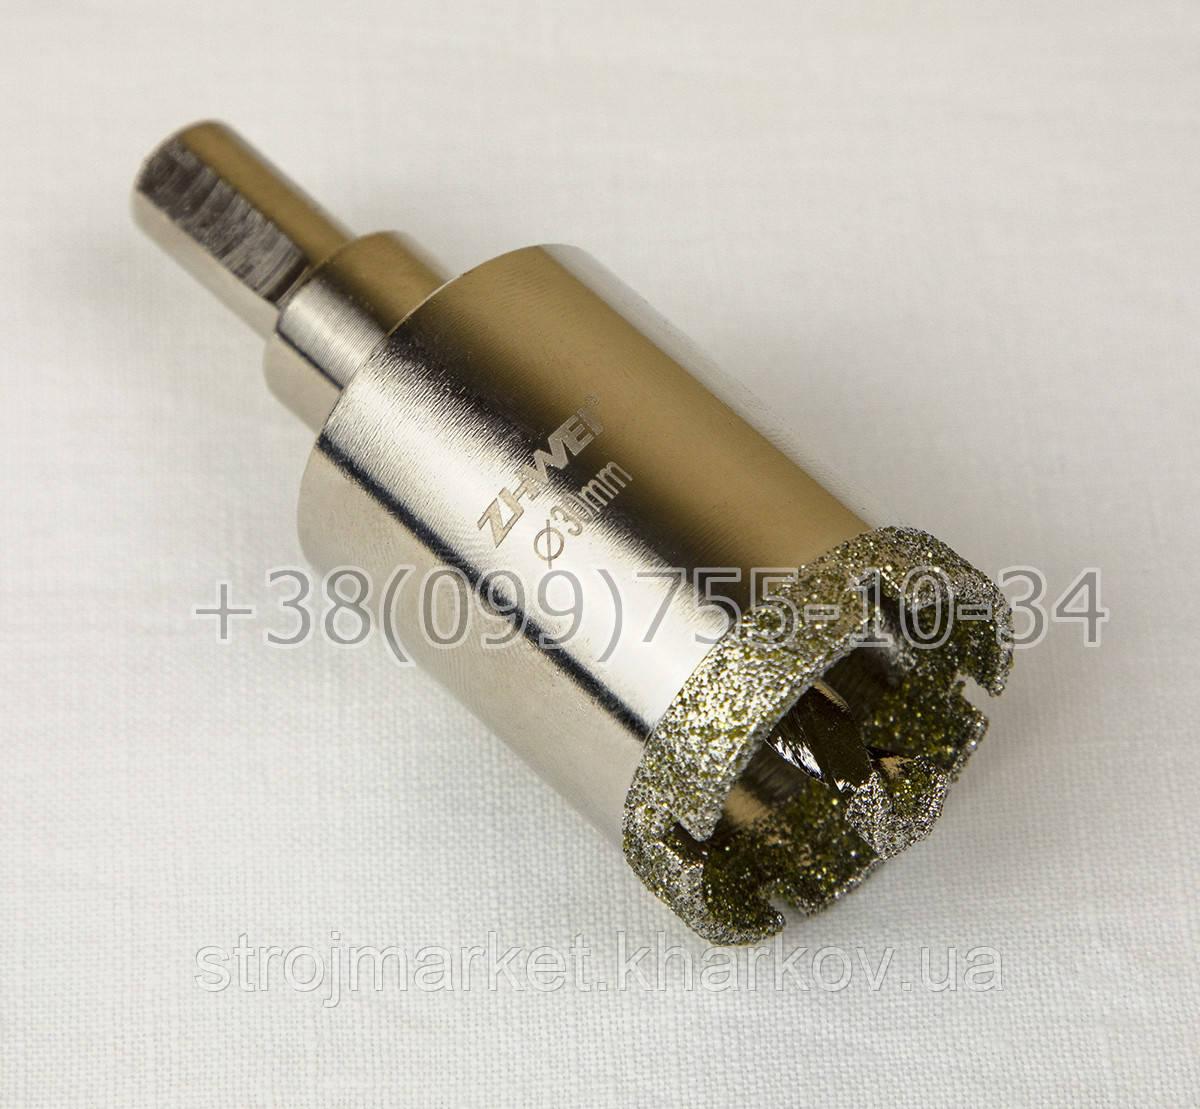 Алмазные коронки с сверлом ZHWEI 30мм